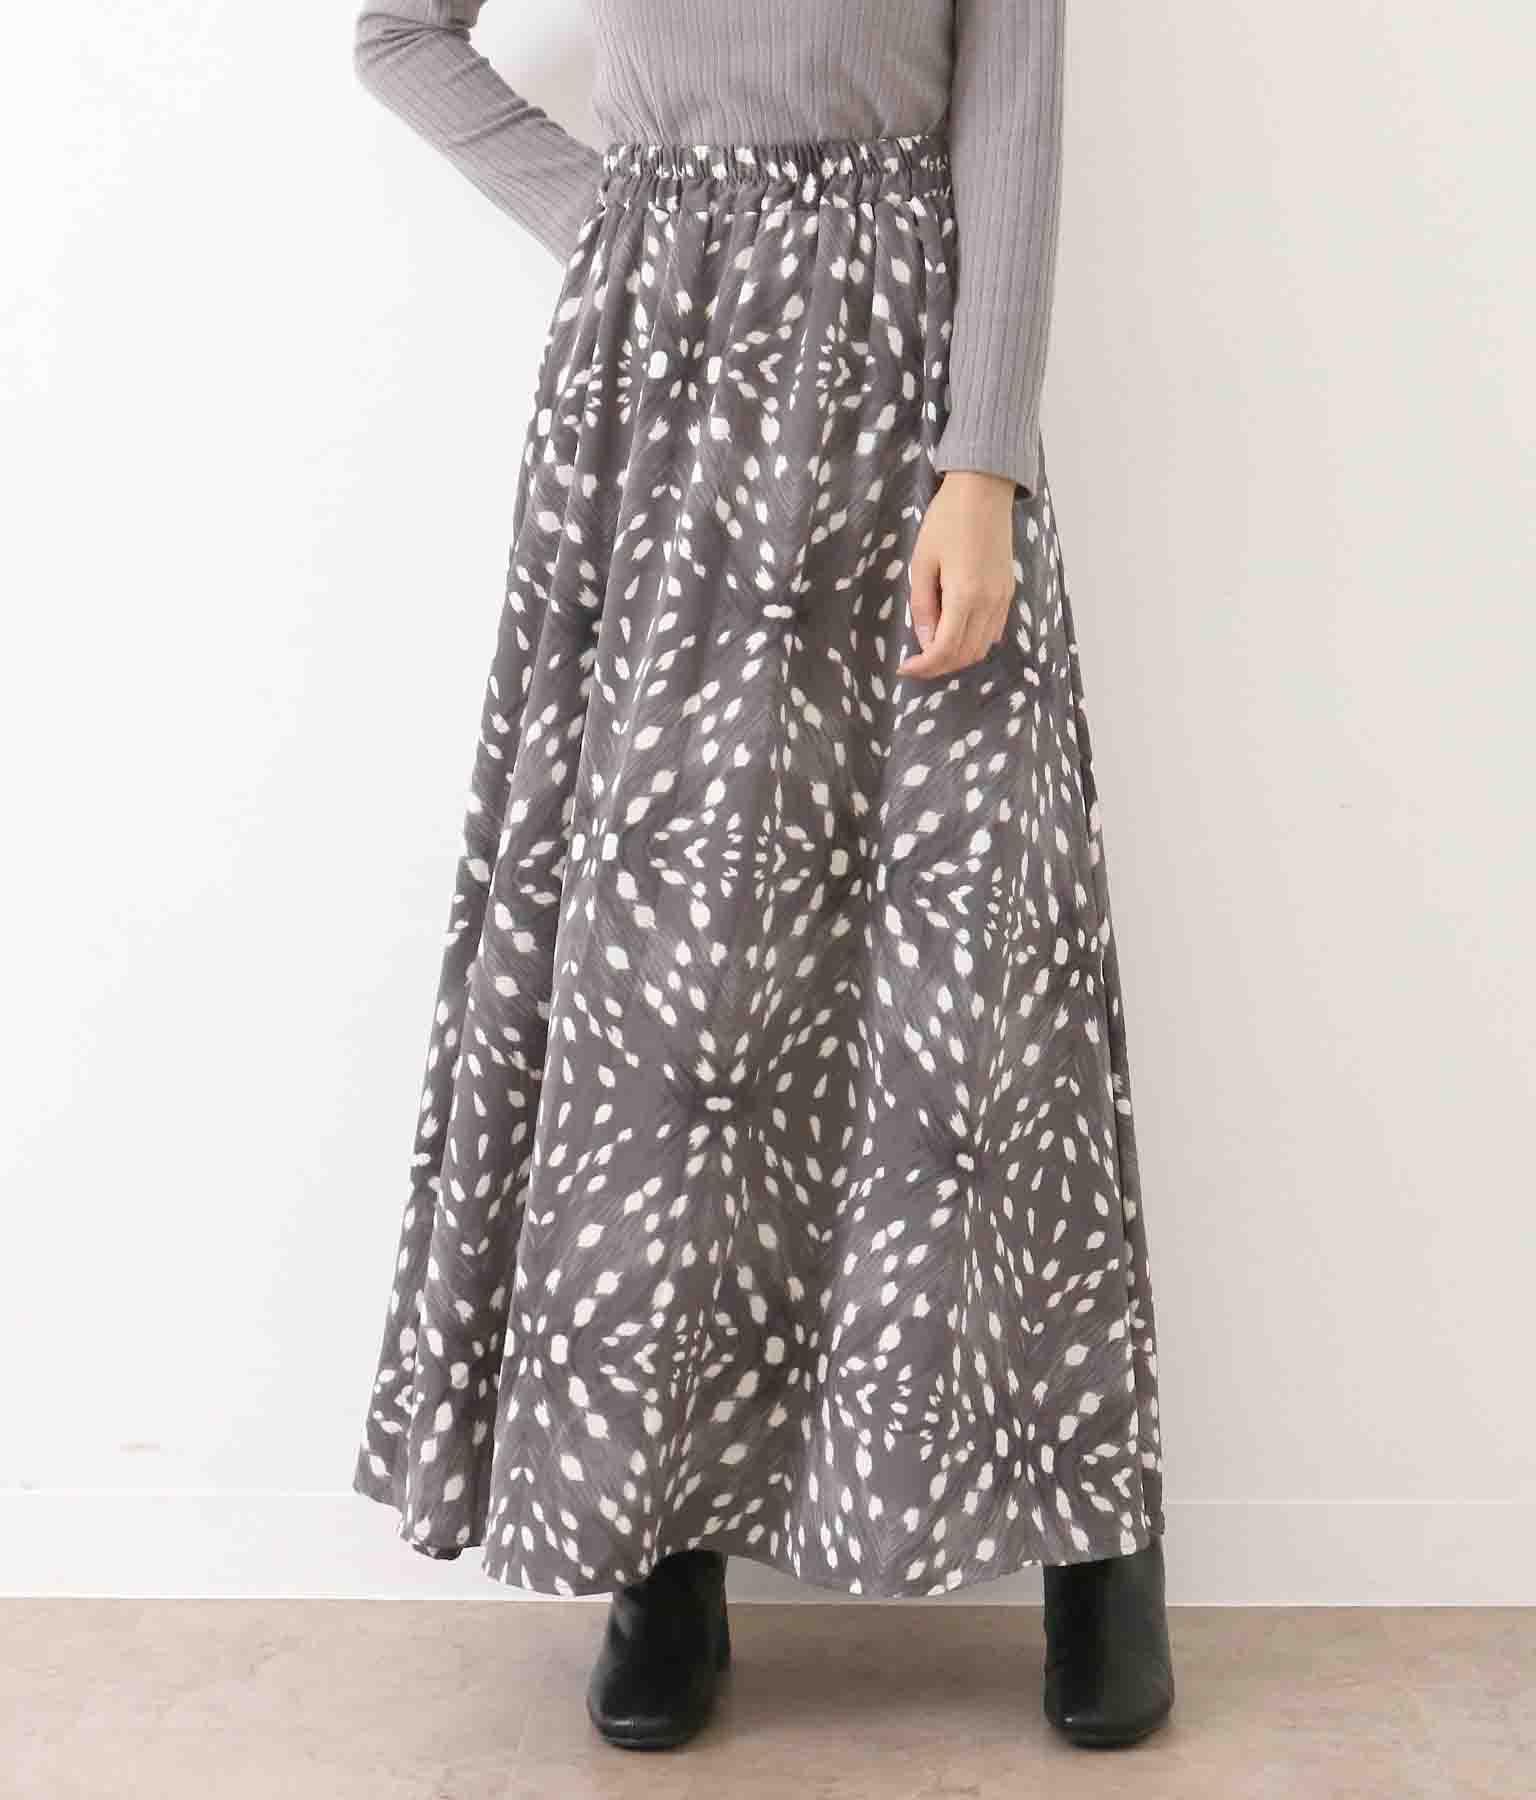 くすみアニマル柄ロングスカート(ボトムス・パンツ /スカート)   CHILLE